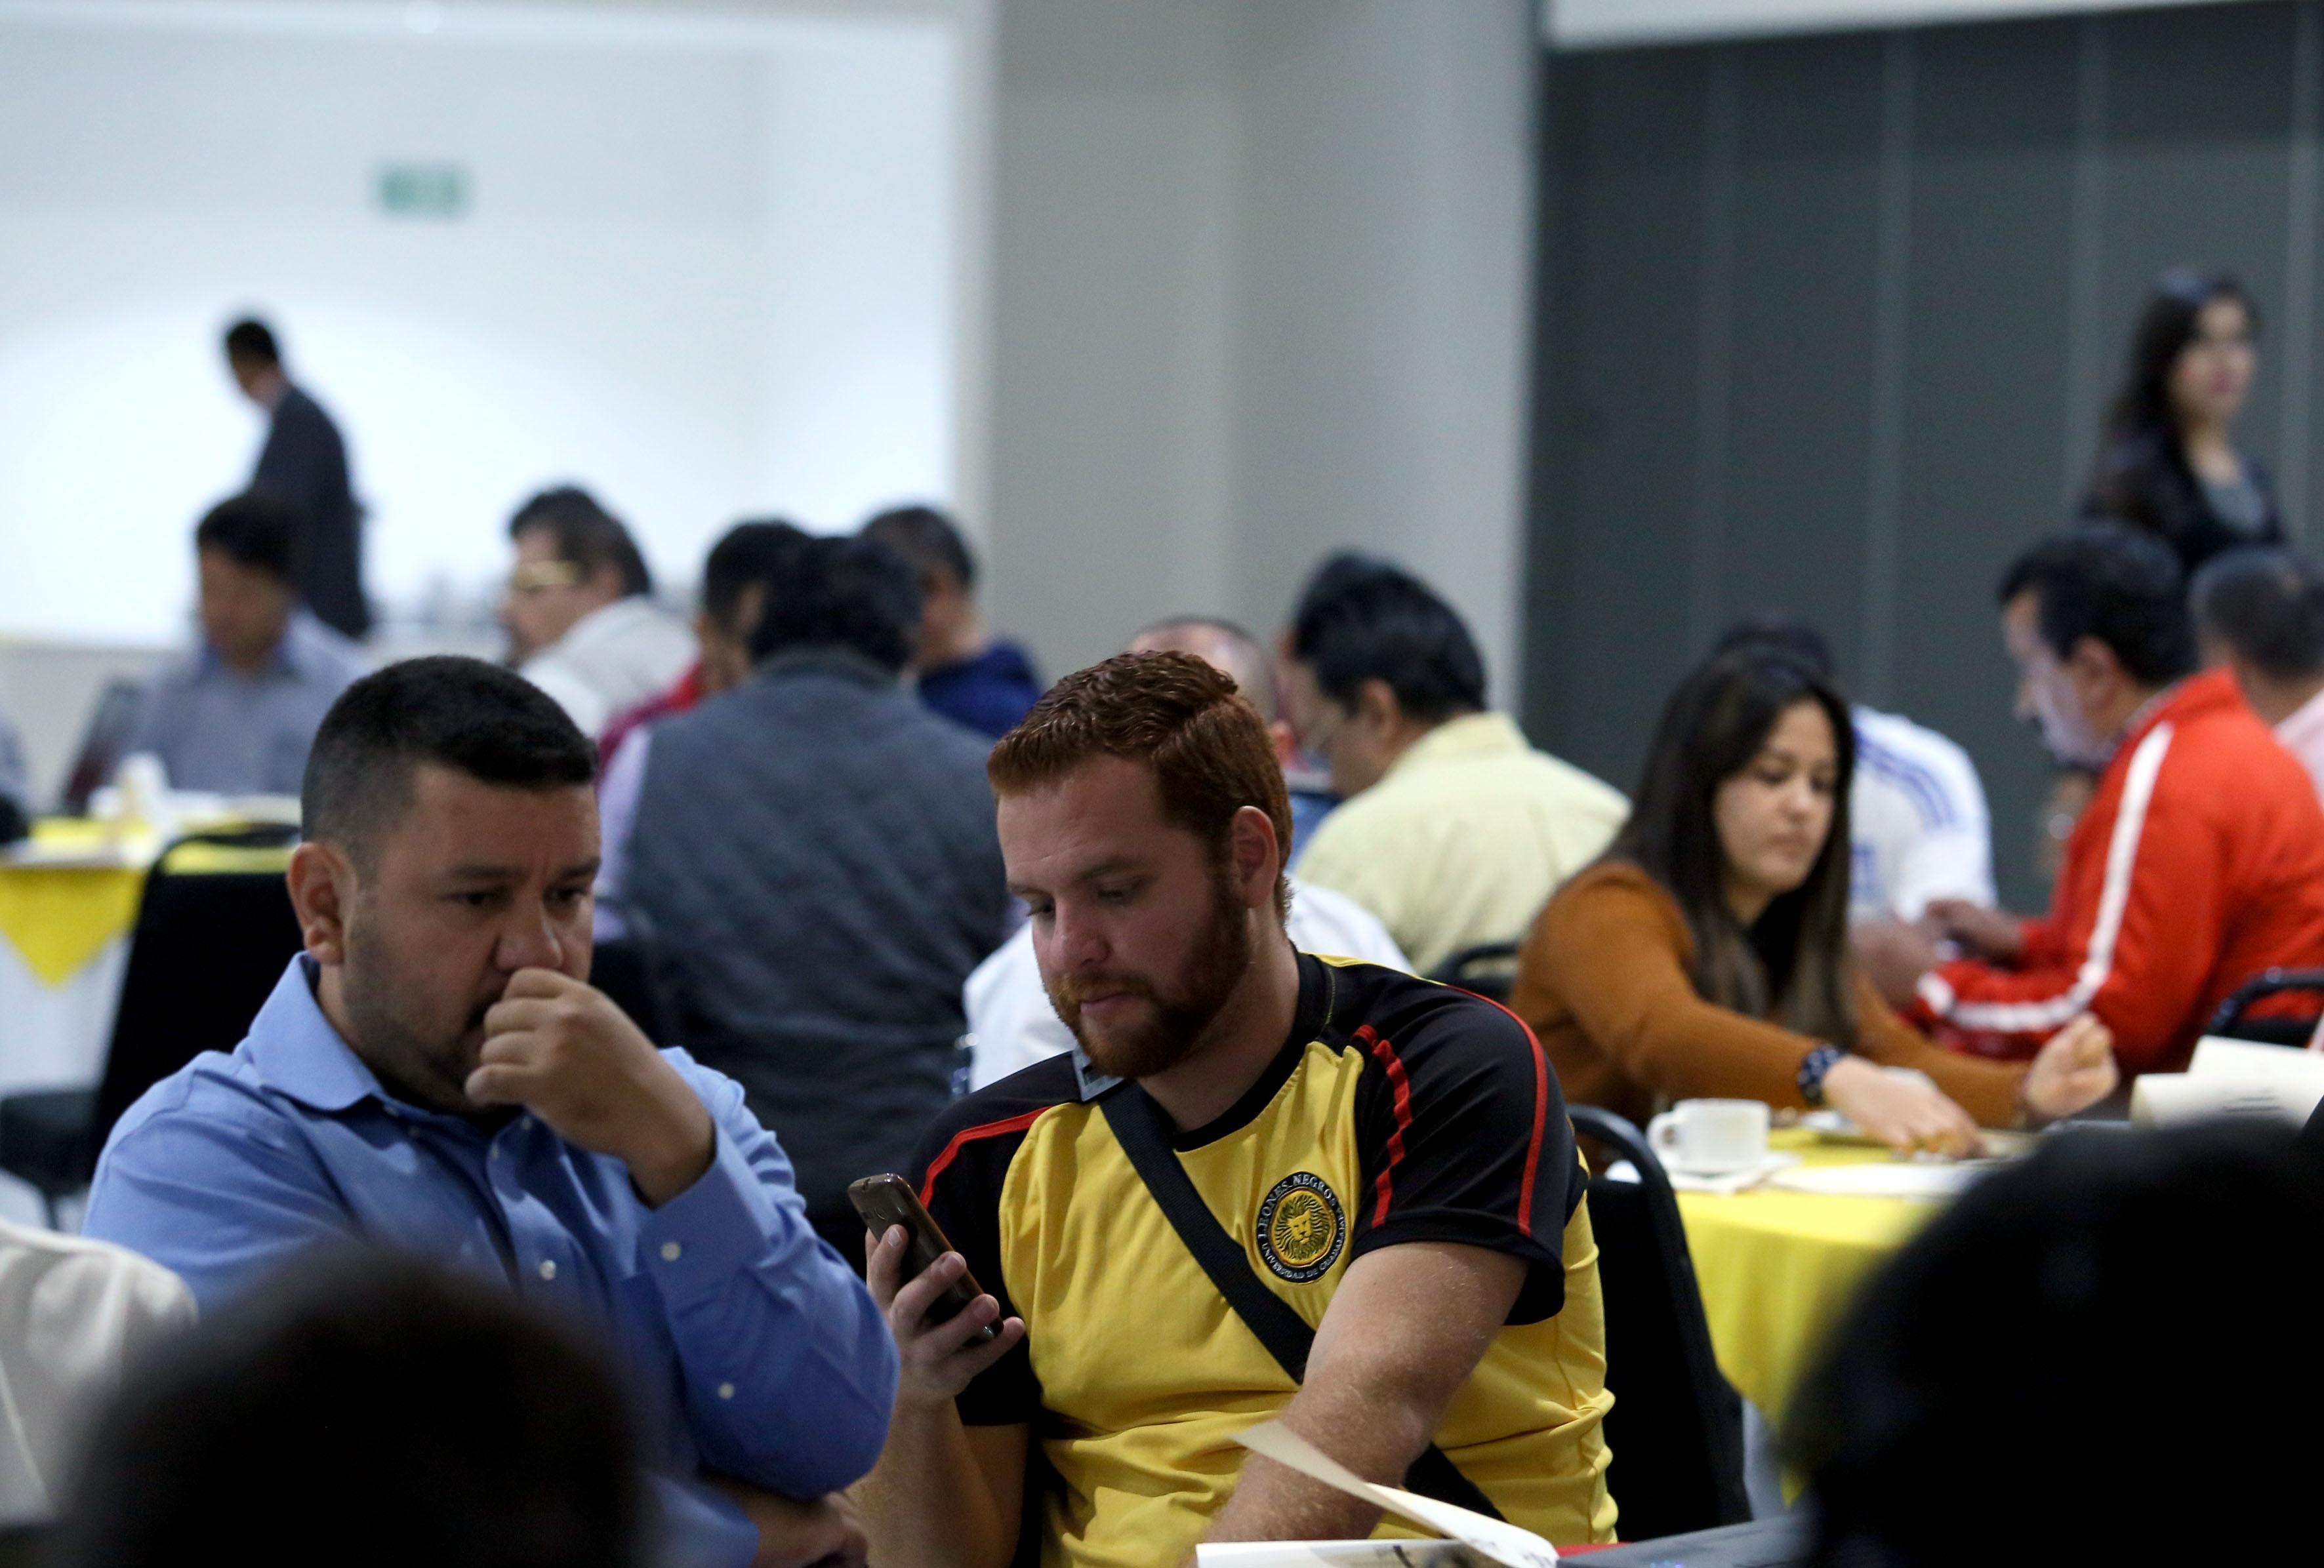 Participantes a la convocatoria a participar en Liga Estudiantil Universitaria